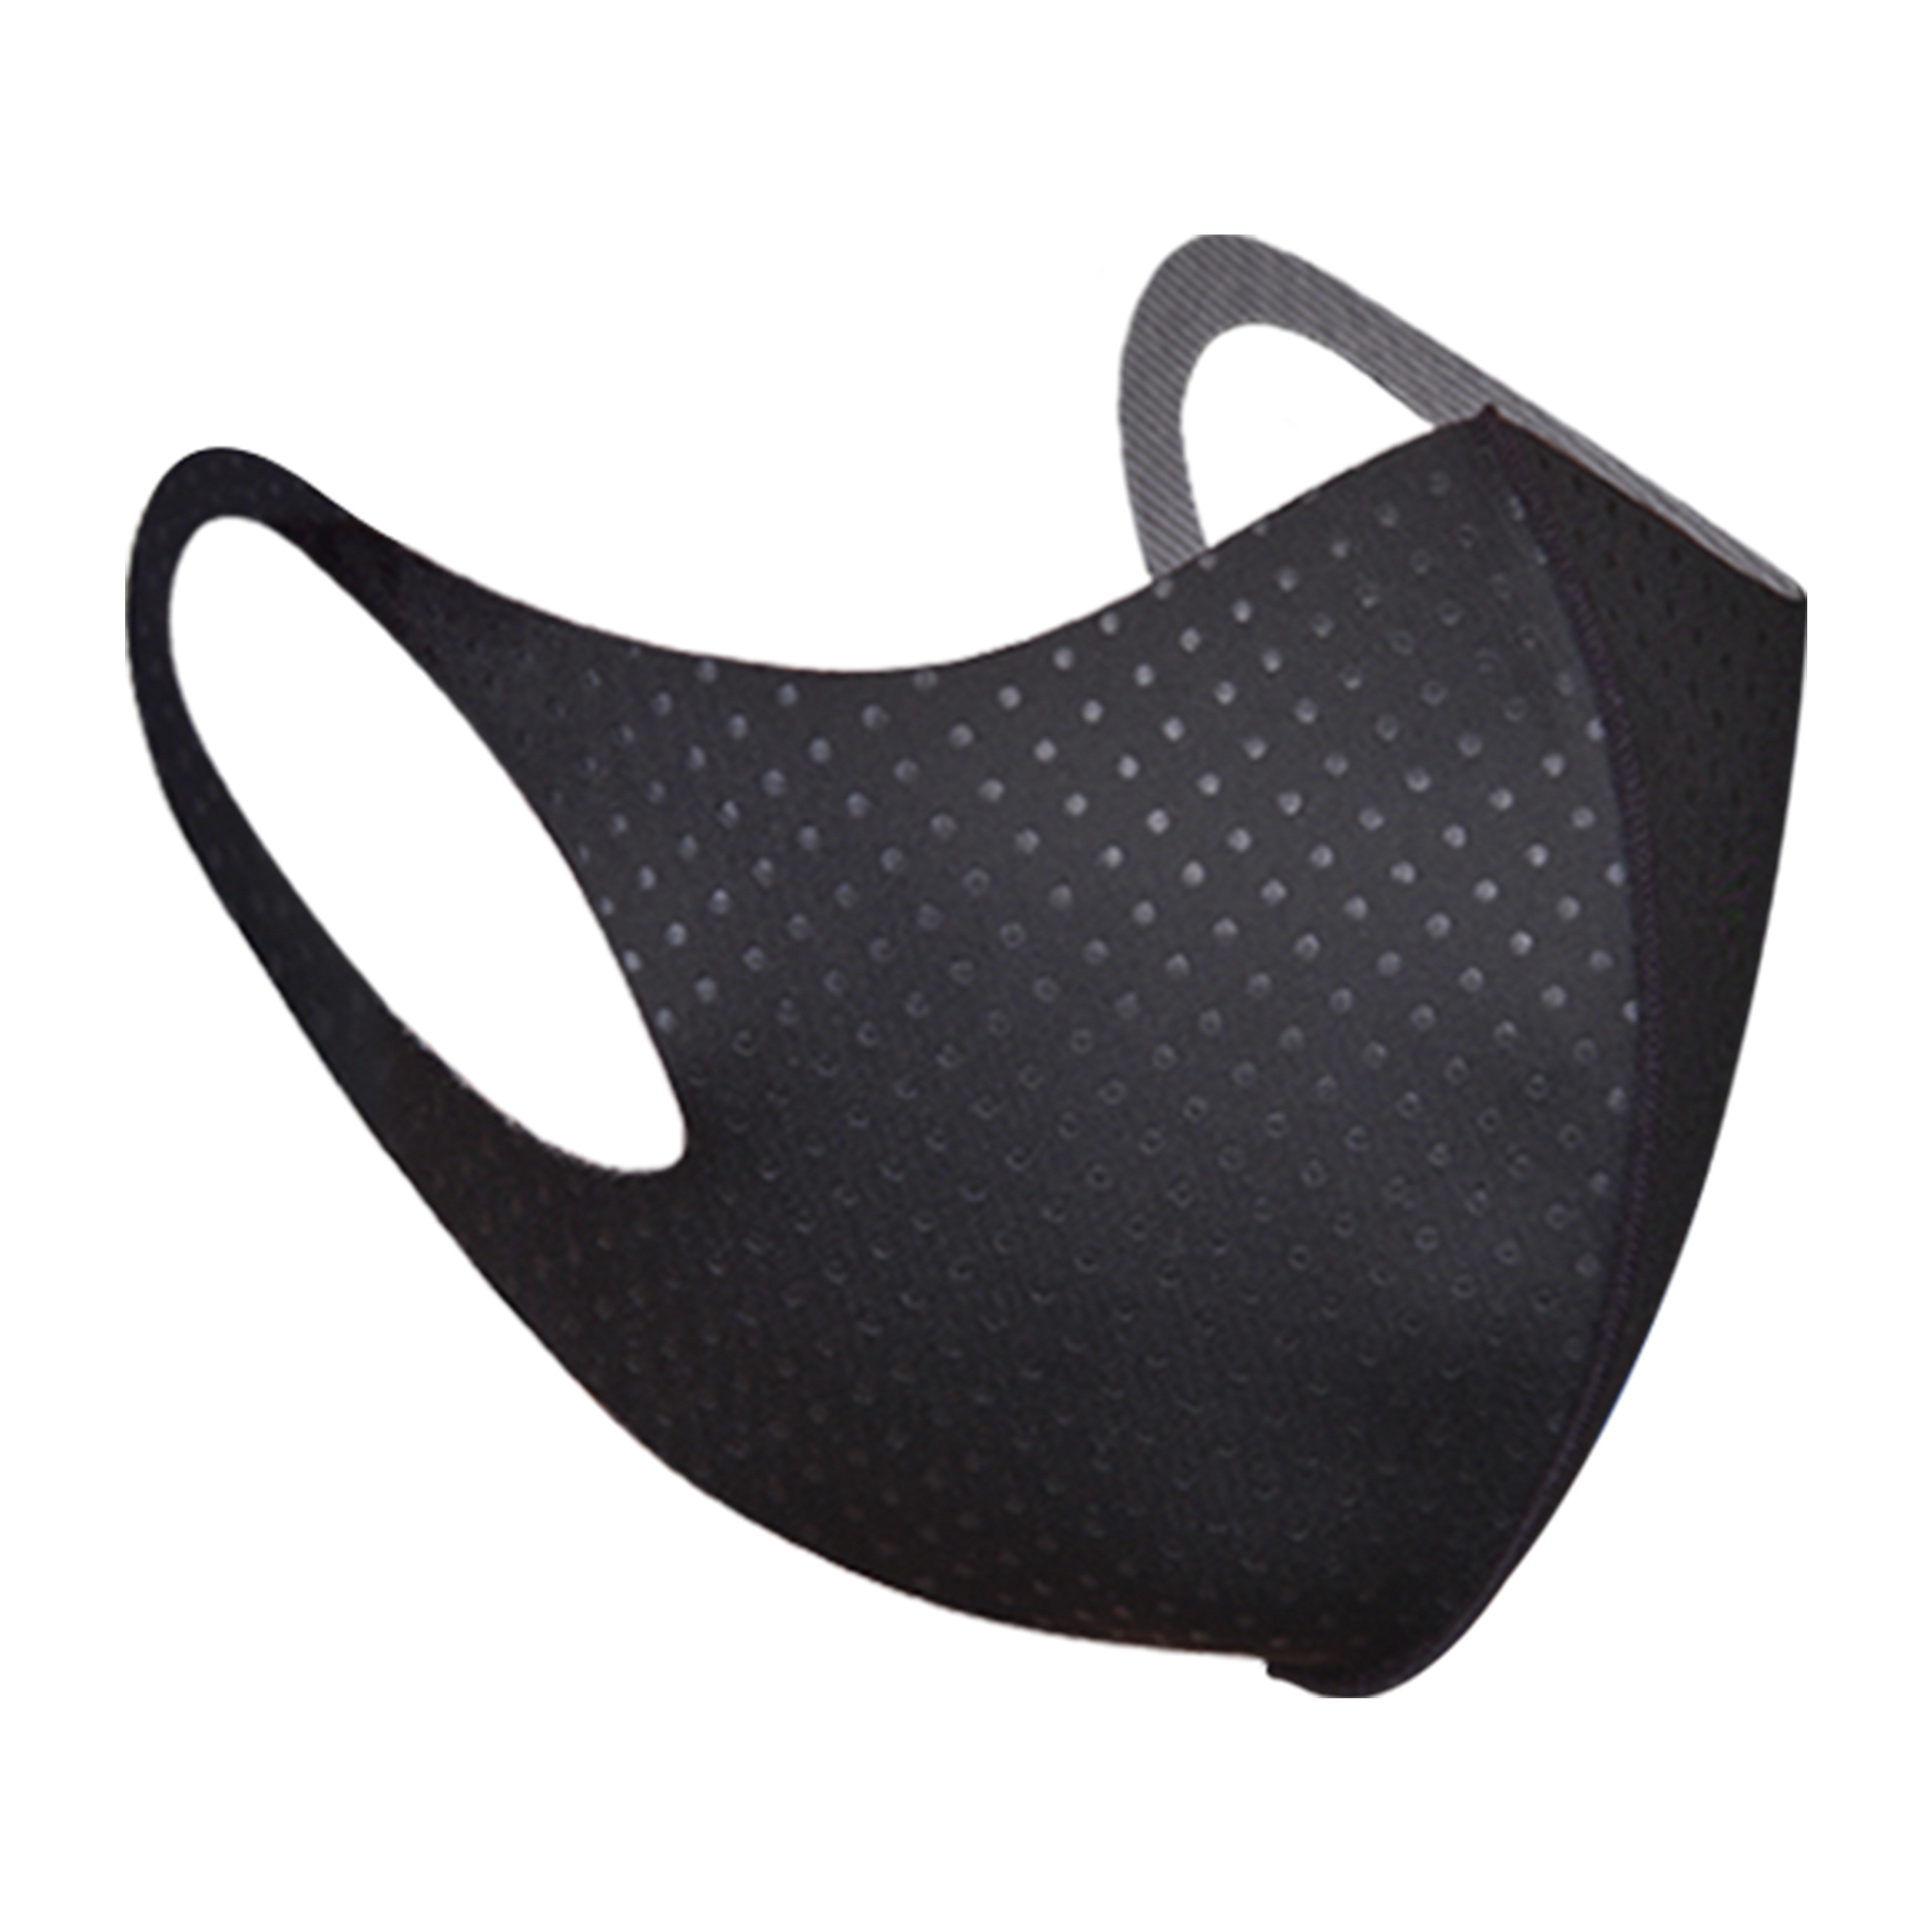 [리릿] 4매_3D 입체 항균 패션 마스크 기능성 구리원사 자외선차단 빨아쓰는 재사용가능 냉감